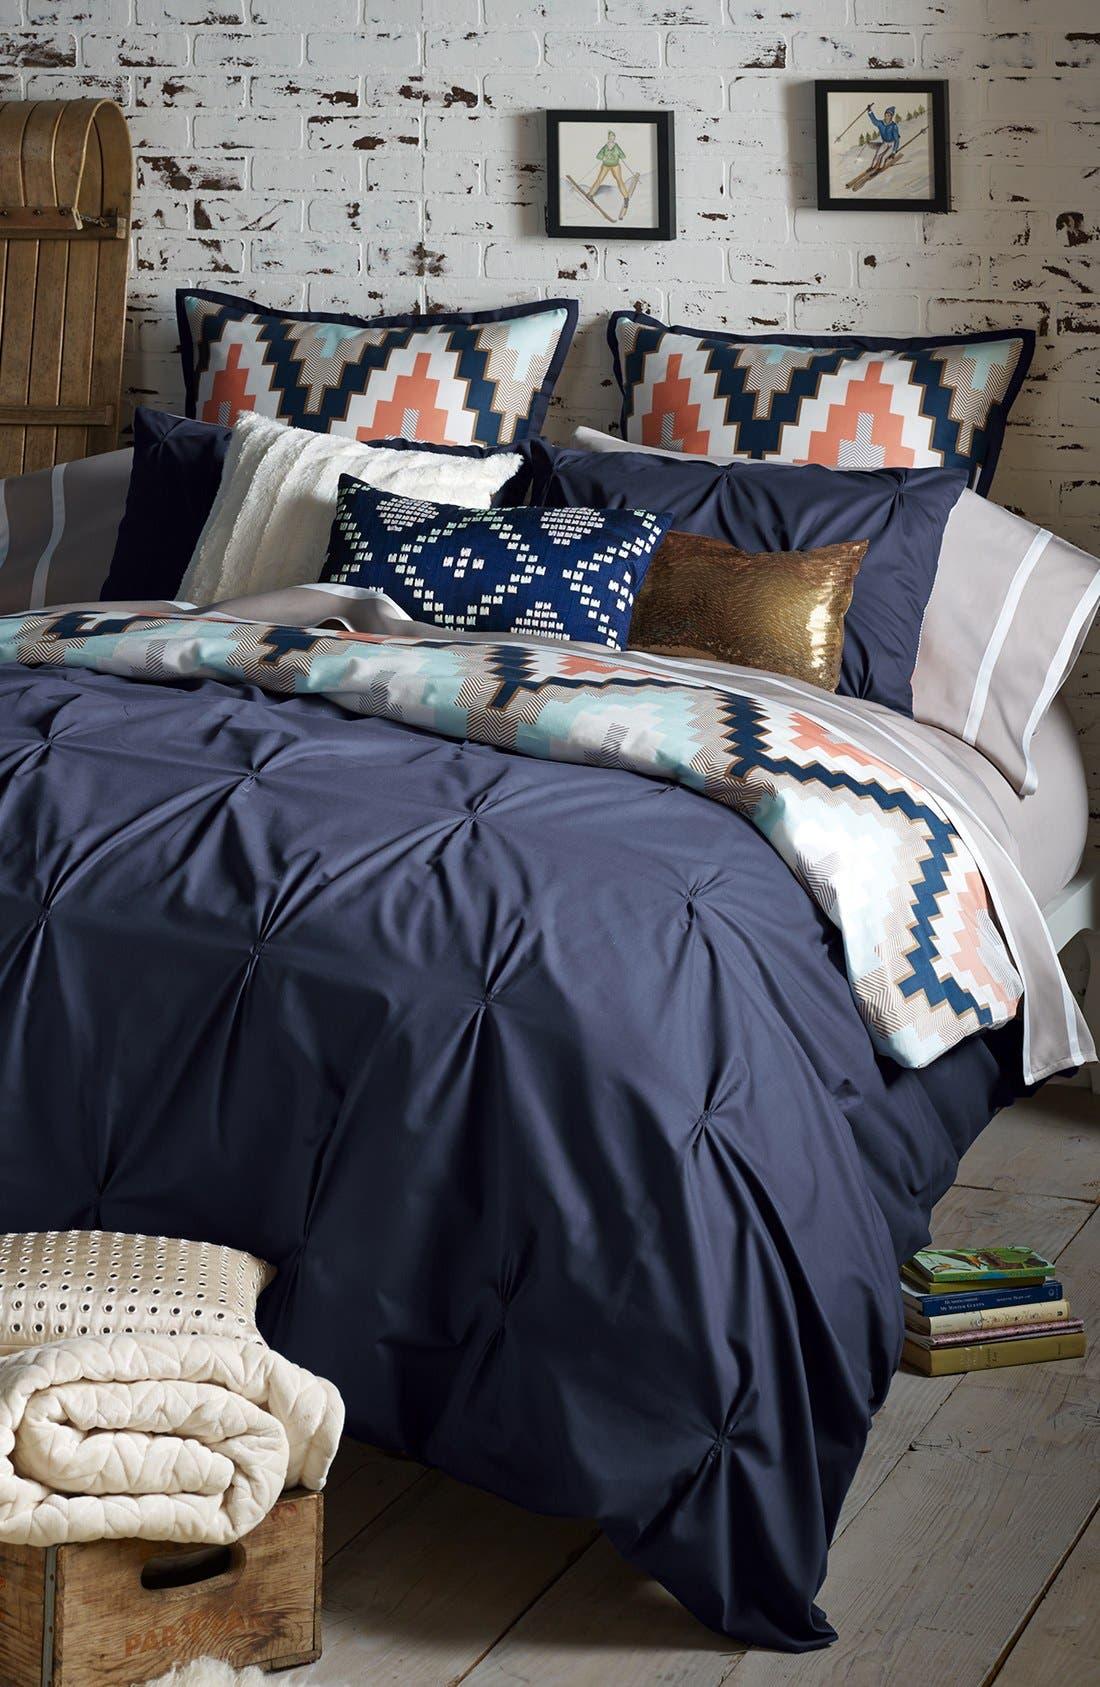 Alternate Image 1 Selected - Blissliving Home Harper Reversible Duvet Cover & Sham Set